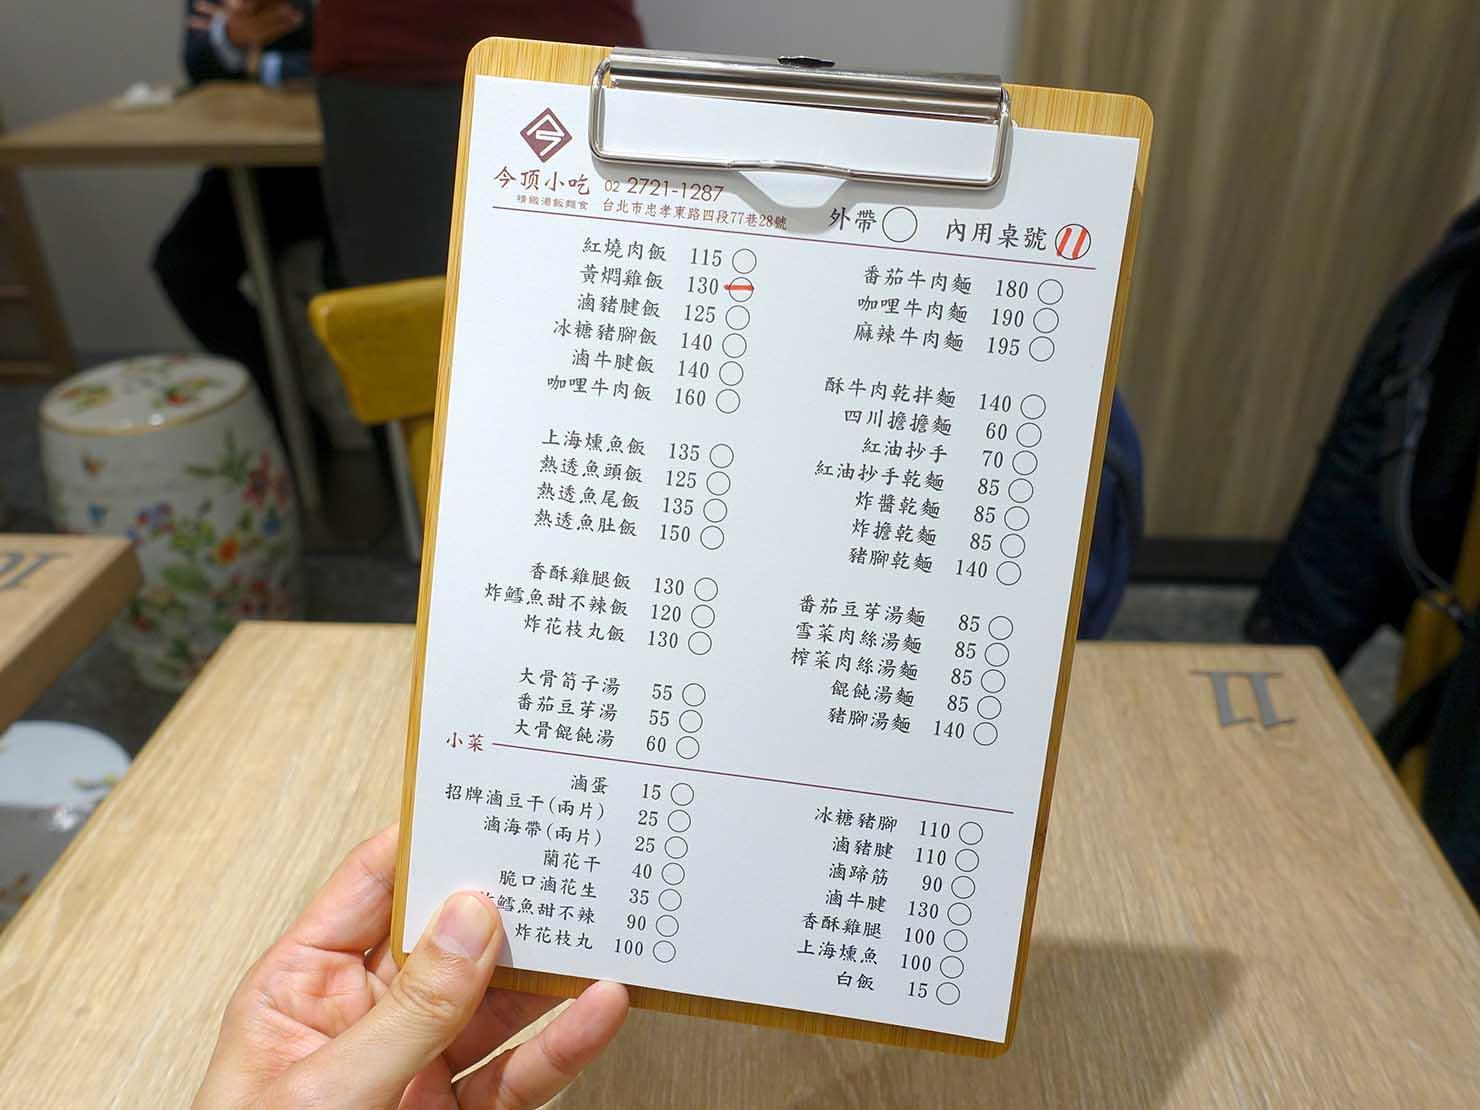 台北・忠孝復興駅(東區)のおすすめグルメ店「今頂小吃」のメニュー